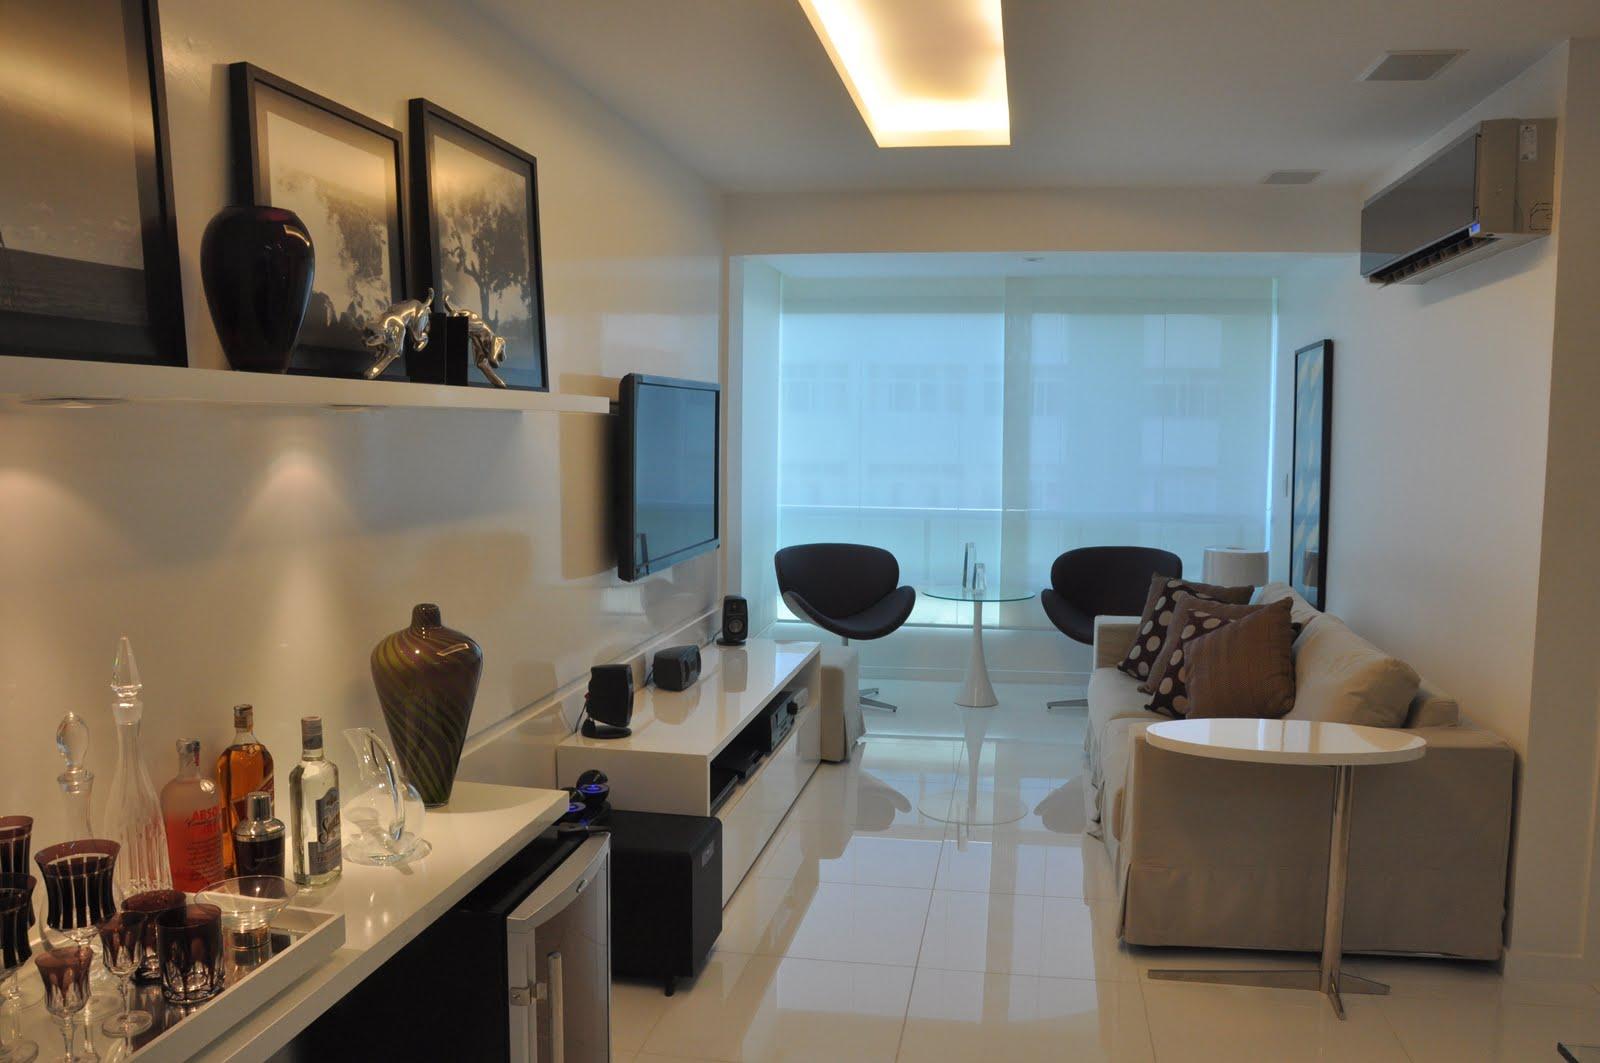 ideias e projetos de decoracao de interiores: Argolo Designer de Interiores: Projeto Decoração de Interiores